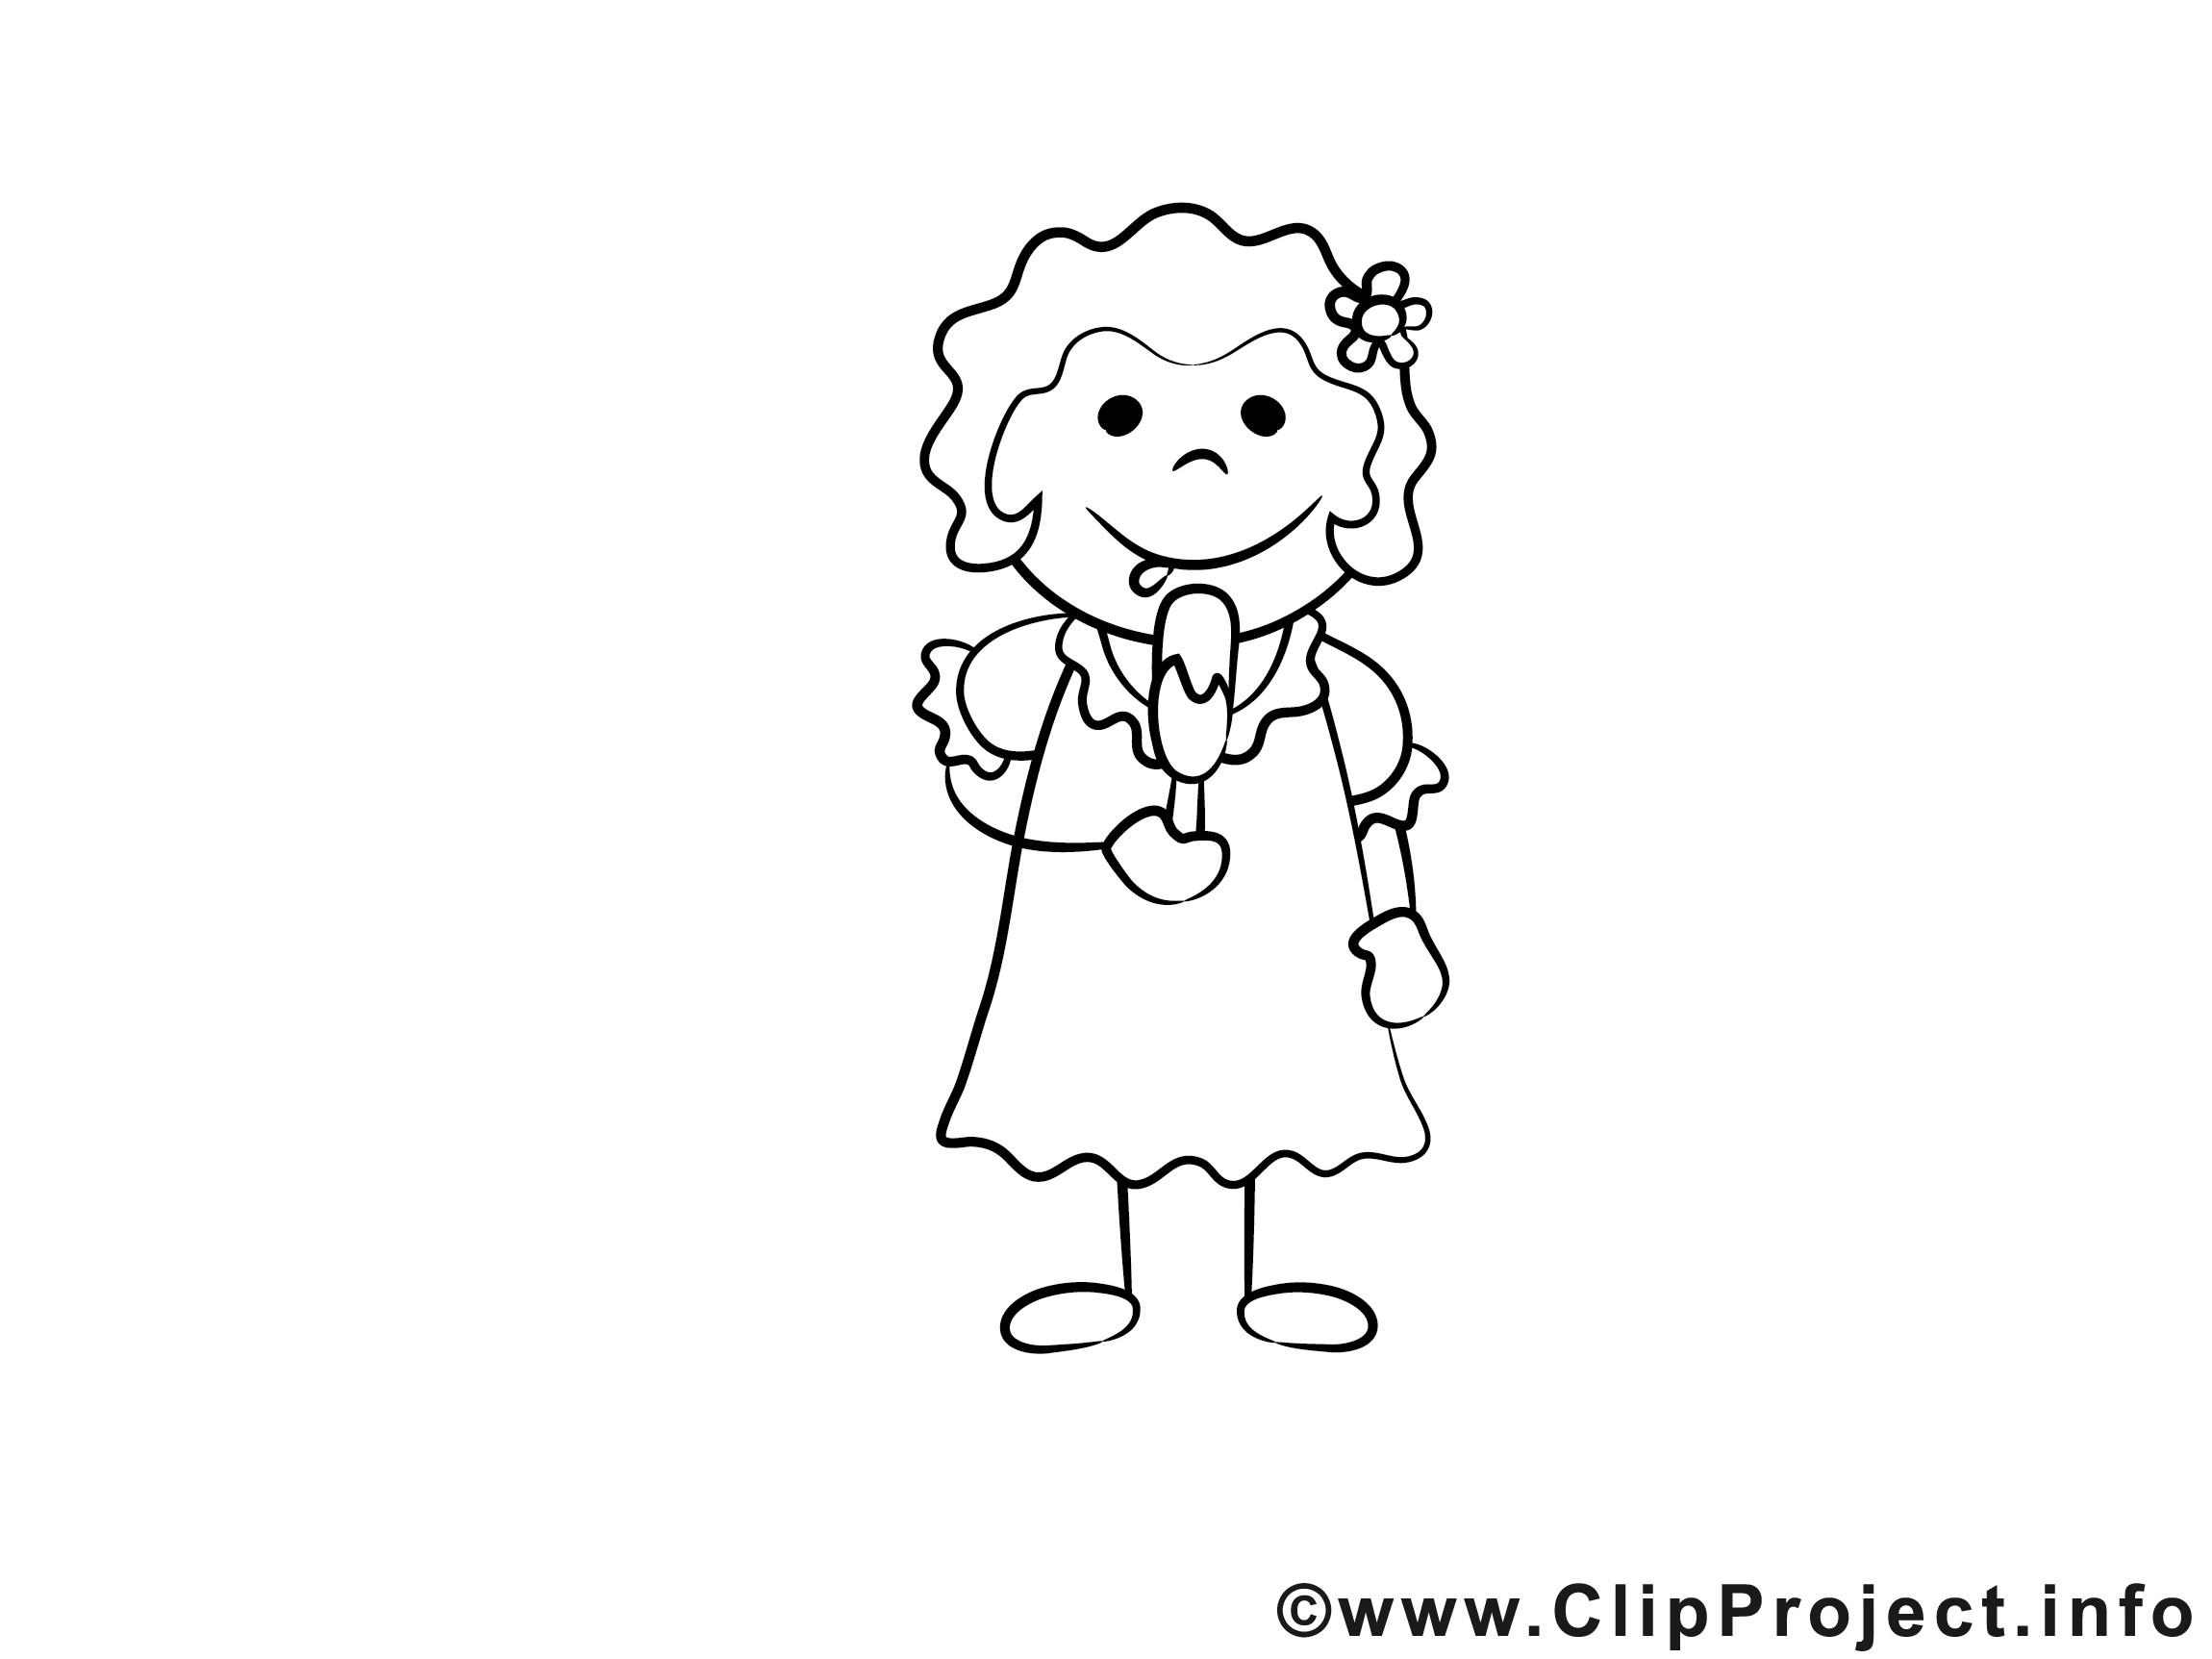 Malvorlagen Für Mädchen  Mädchen mit Eis Bilder zum Ausmalen